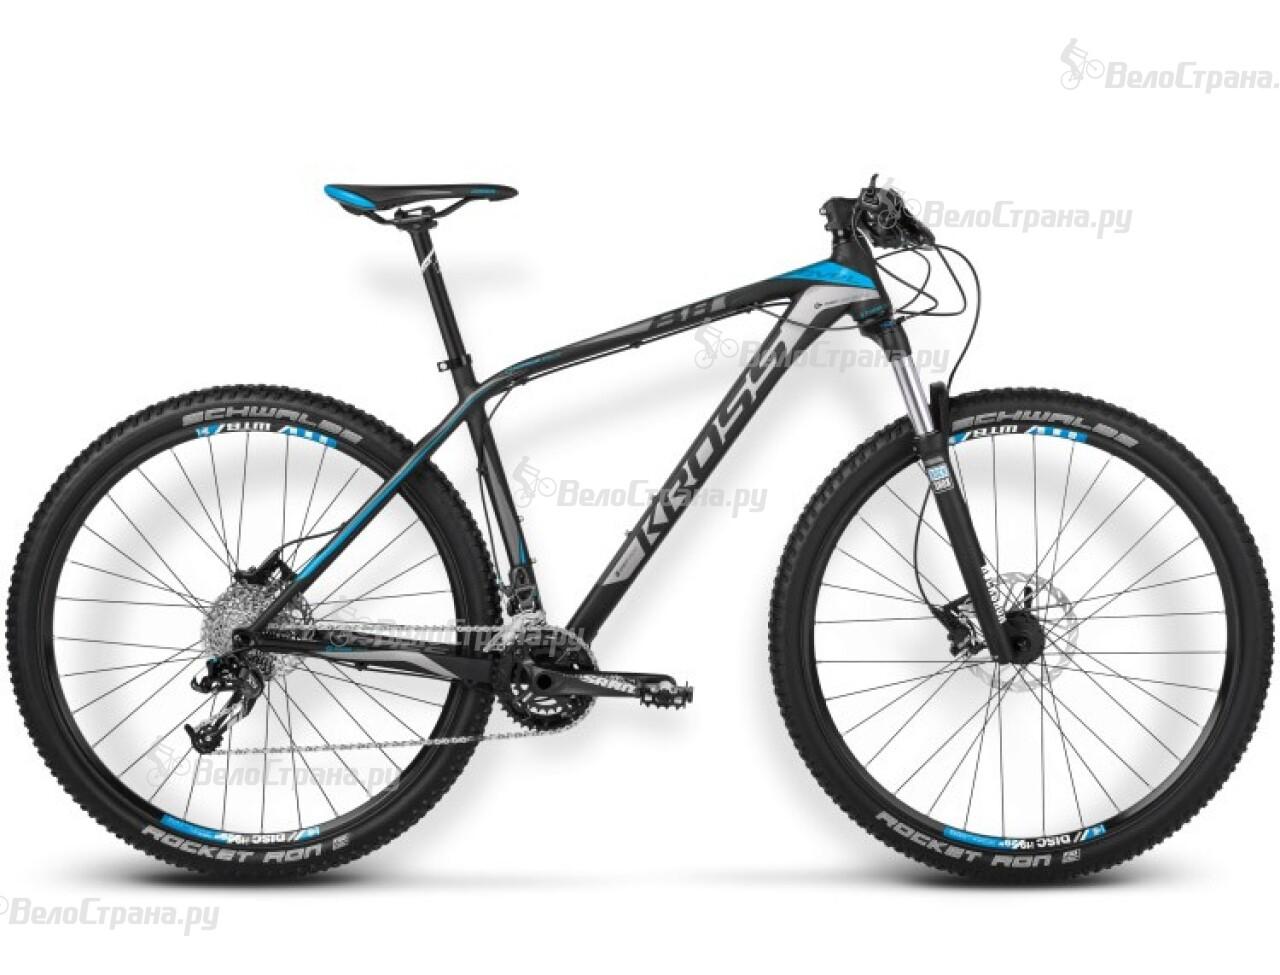 Велосипед Kross Level B8 (2015) велосипед kross level b8 2015